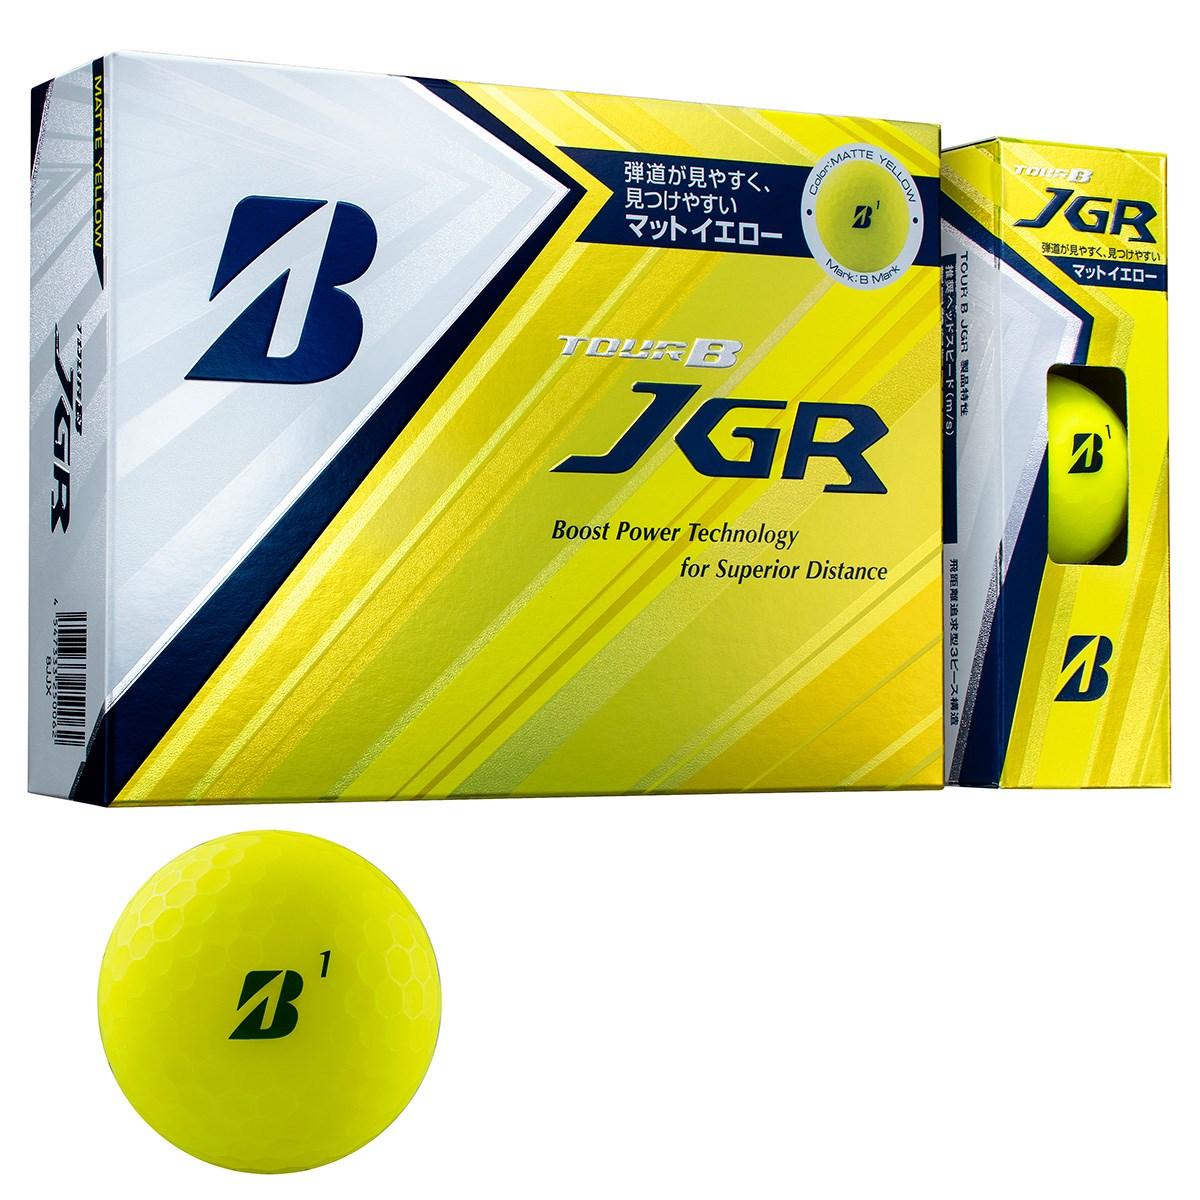 ブリヂストン JGR MATTE YELLOW EDITION ボール